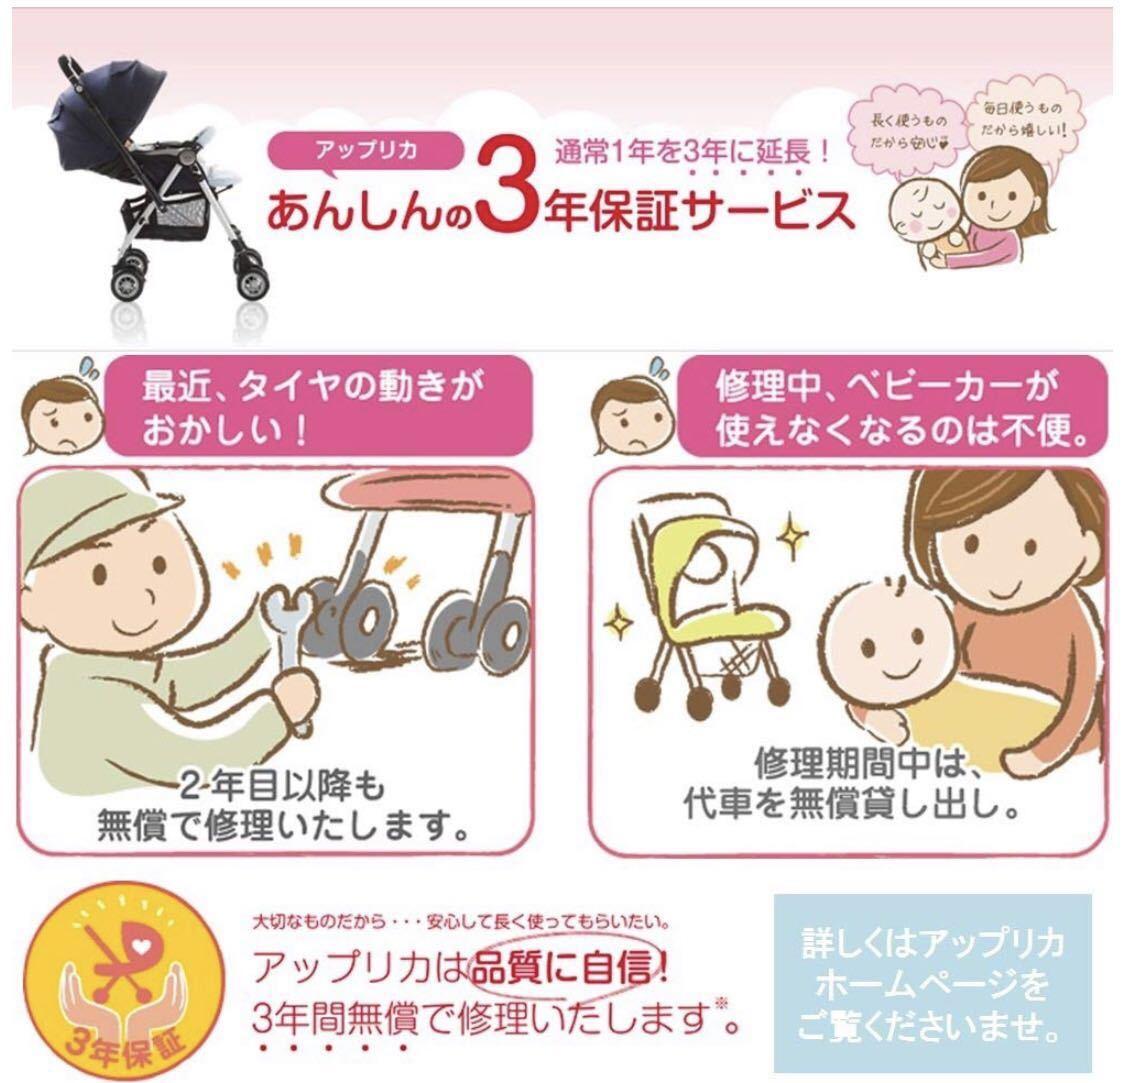 【新品】 スムーヴAC アップリカ ベビーカー ピンク_画像4